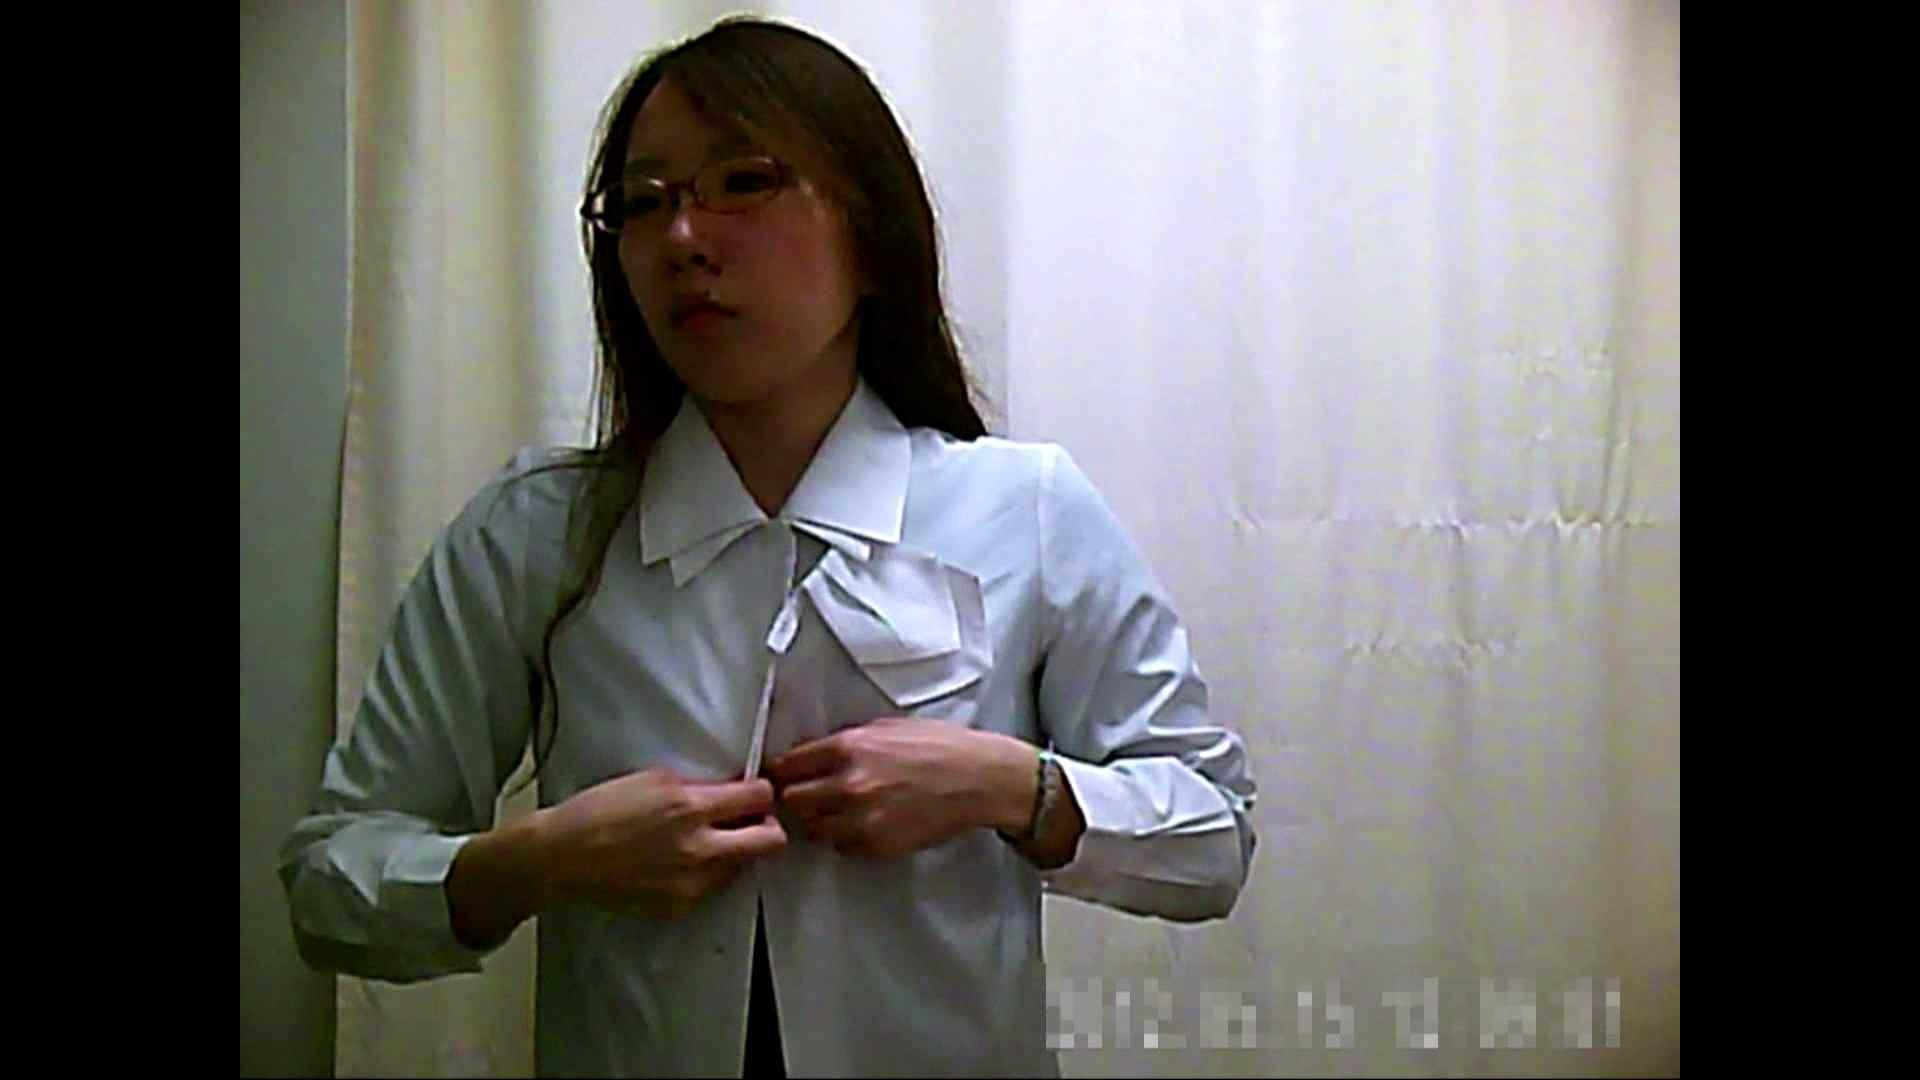 病院おもいっきり着替え! vol.291 乳首 オマンコ動画キャプチャ 96画像 60